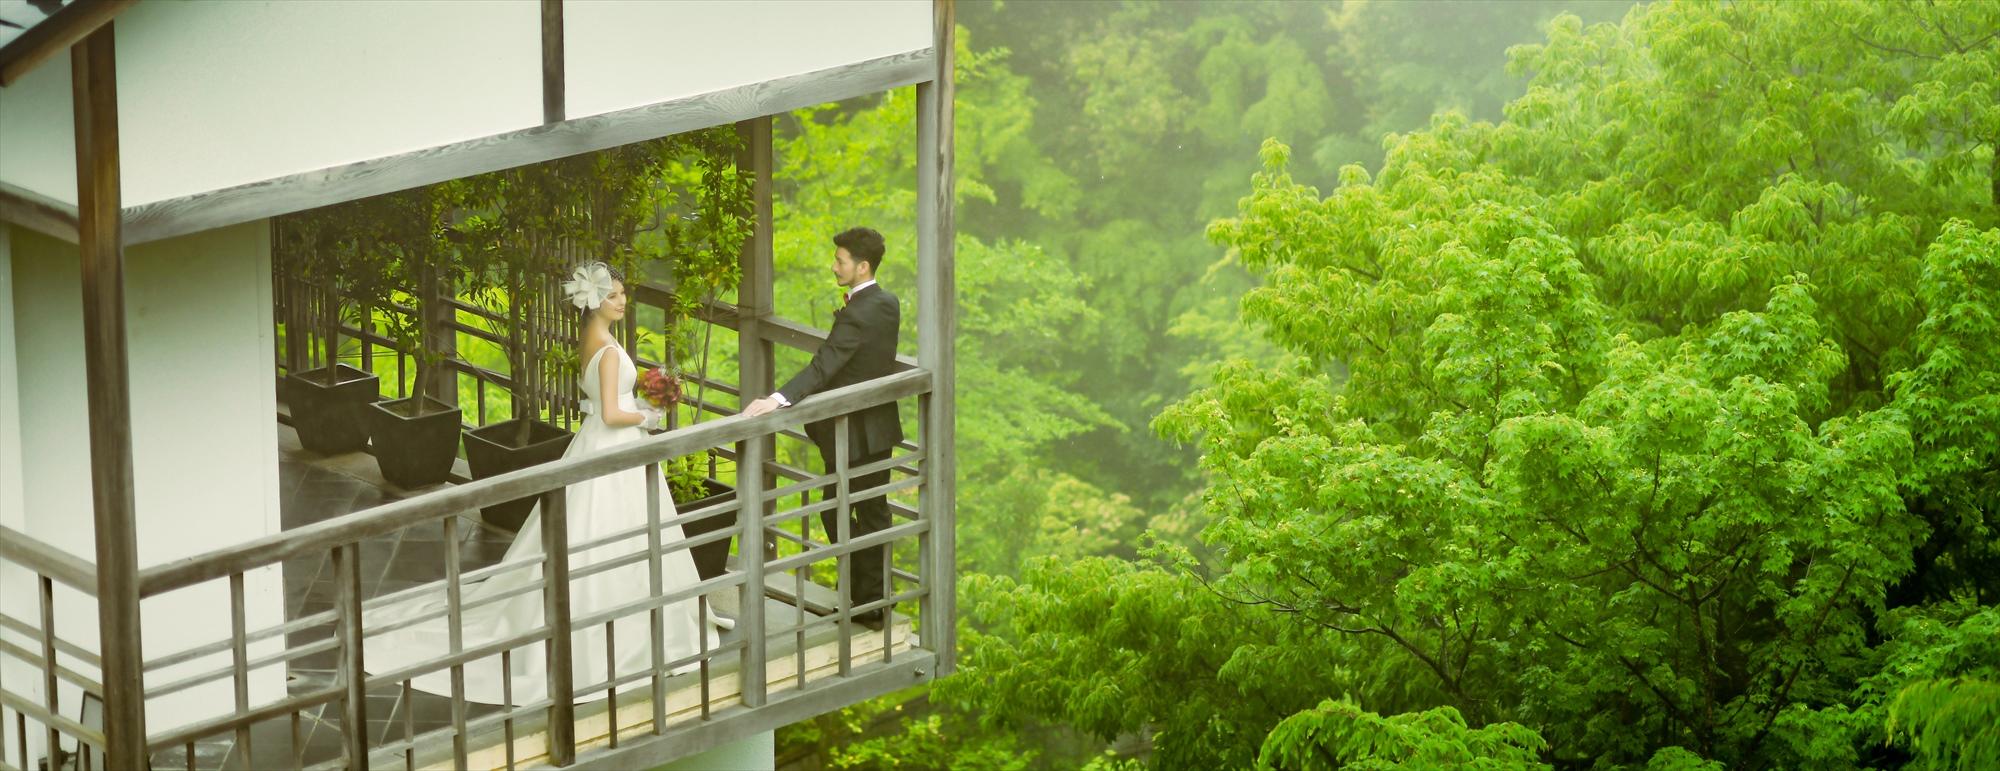 箱根・洋装ウェディング・フォト Hakone Gora Kadan Wedding Photo 強羅花壇前撮り 洋装敷地内撮影